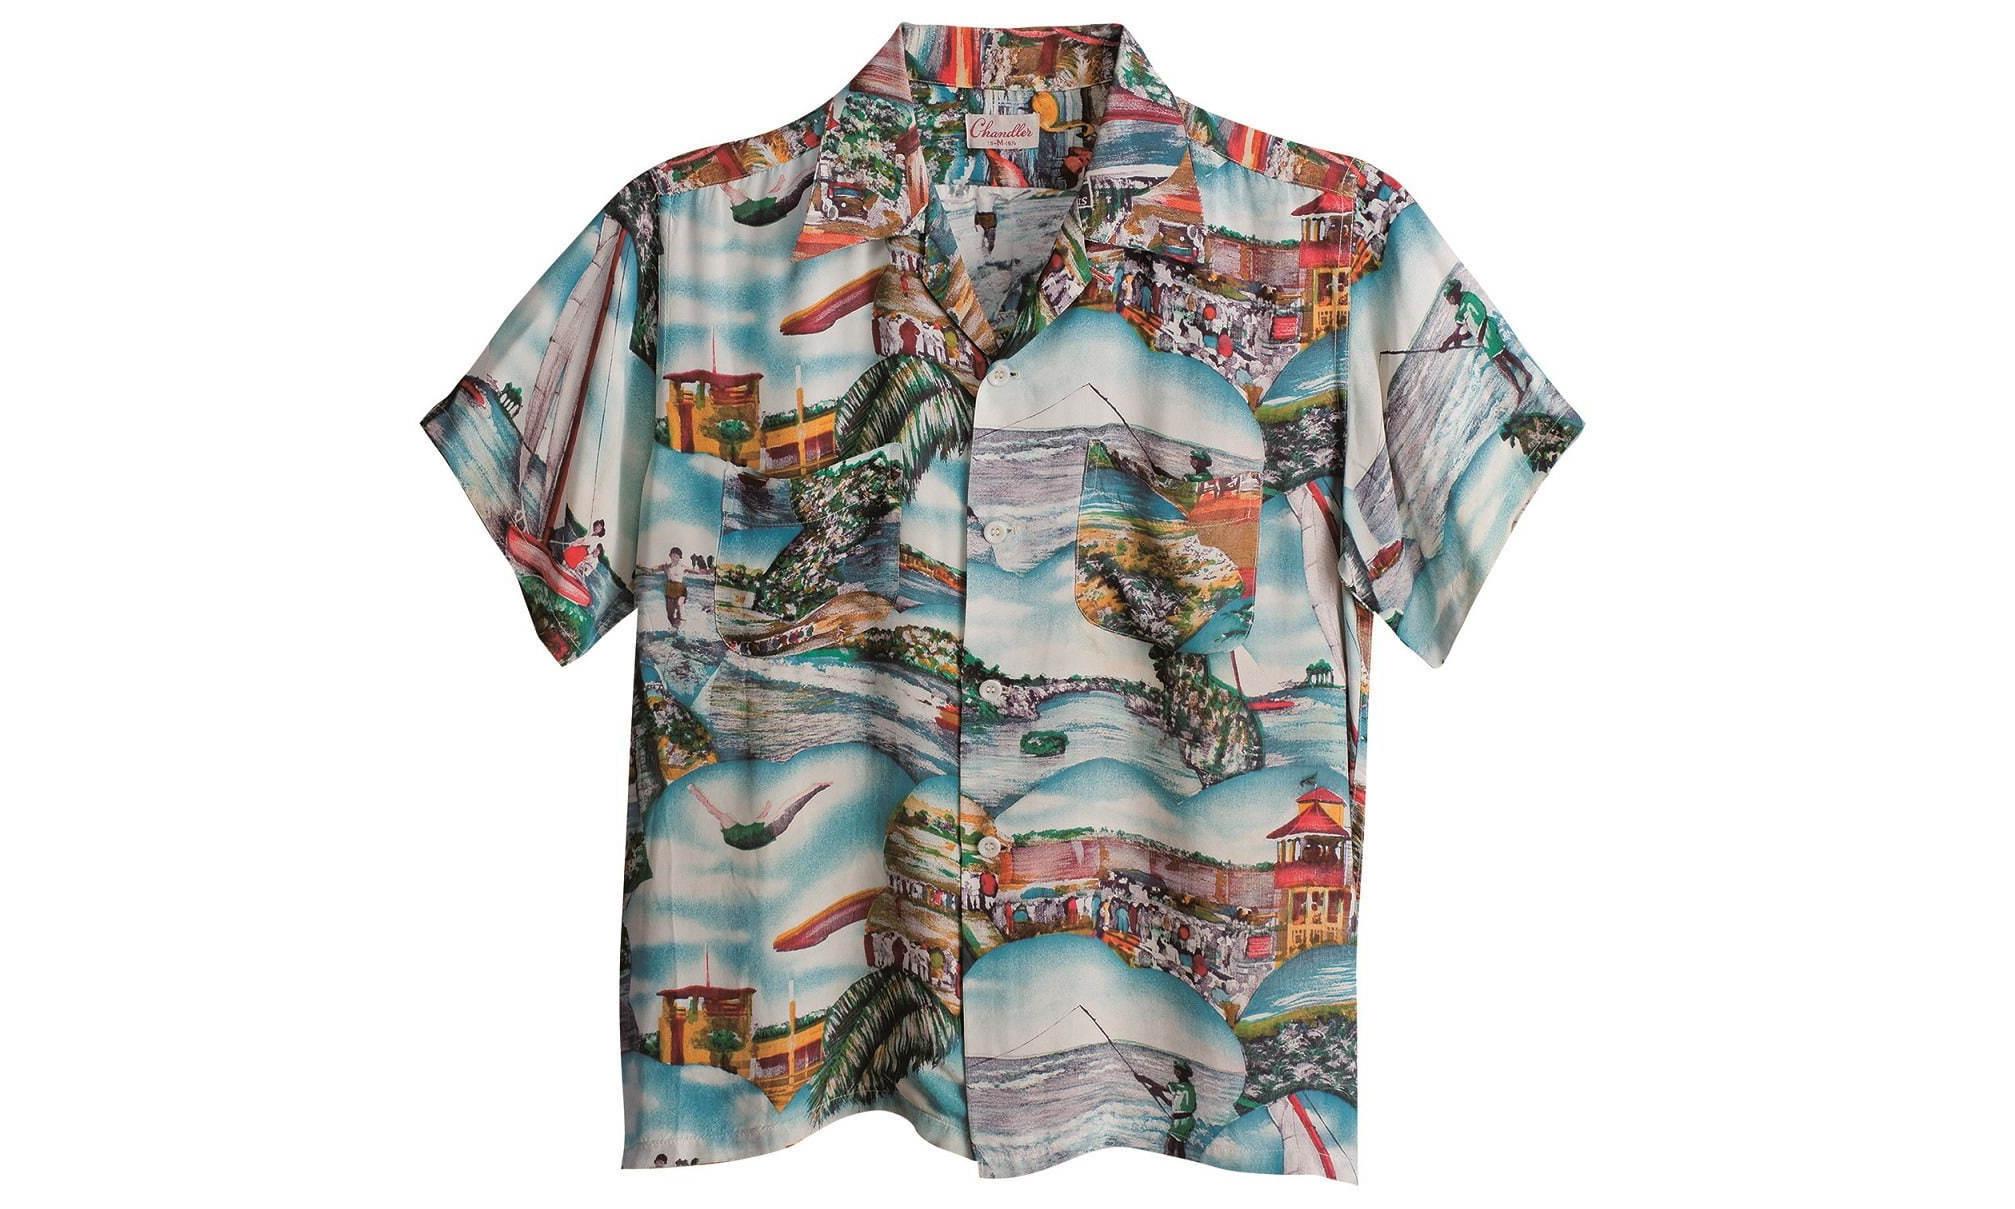 SUN SURF 联合茅崎市立美术馆举办夏威夷衬衫主题展览